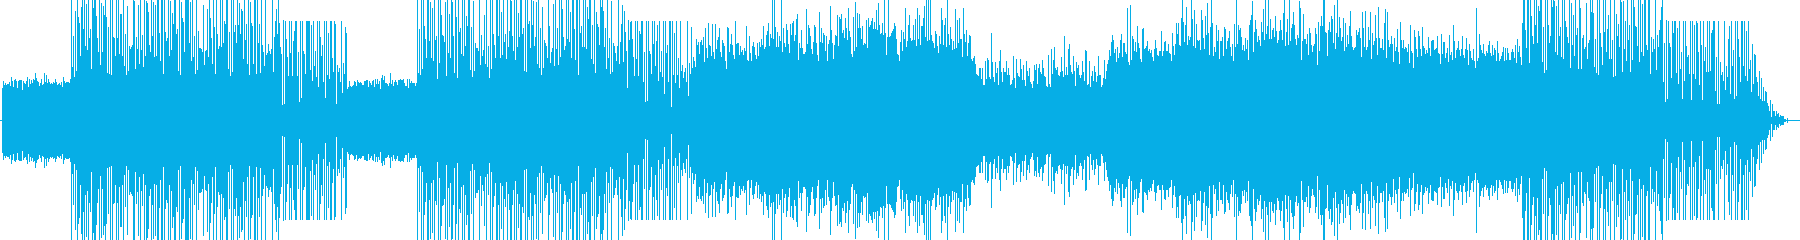 不調和でミステリアスな旋律の再生済みの波形